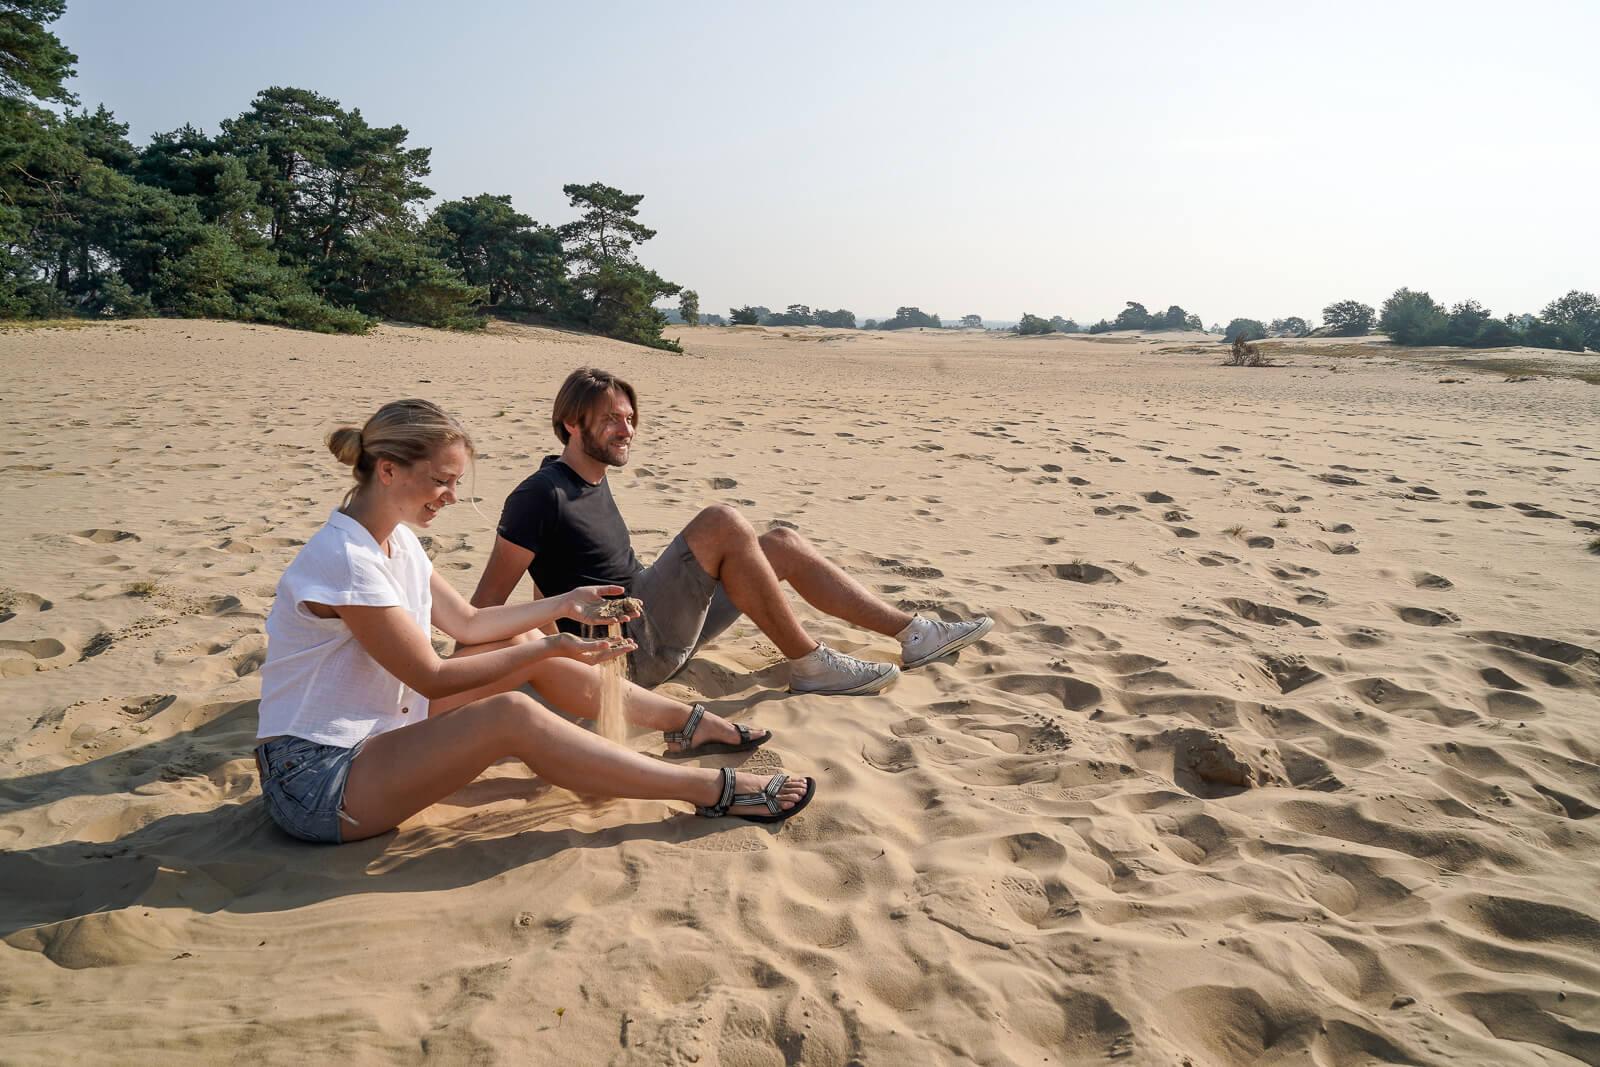 Hoogtepunten Veluwe: Kootwijkerzand - grootste stuifzandgebied van Europa